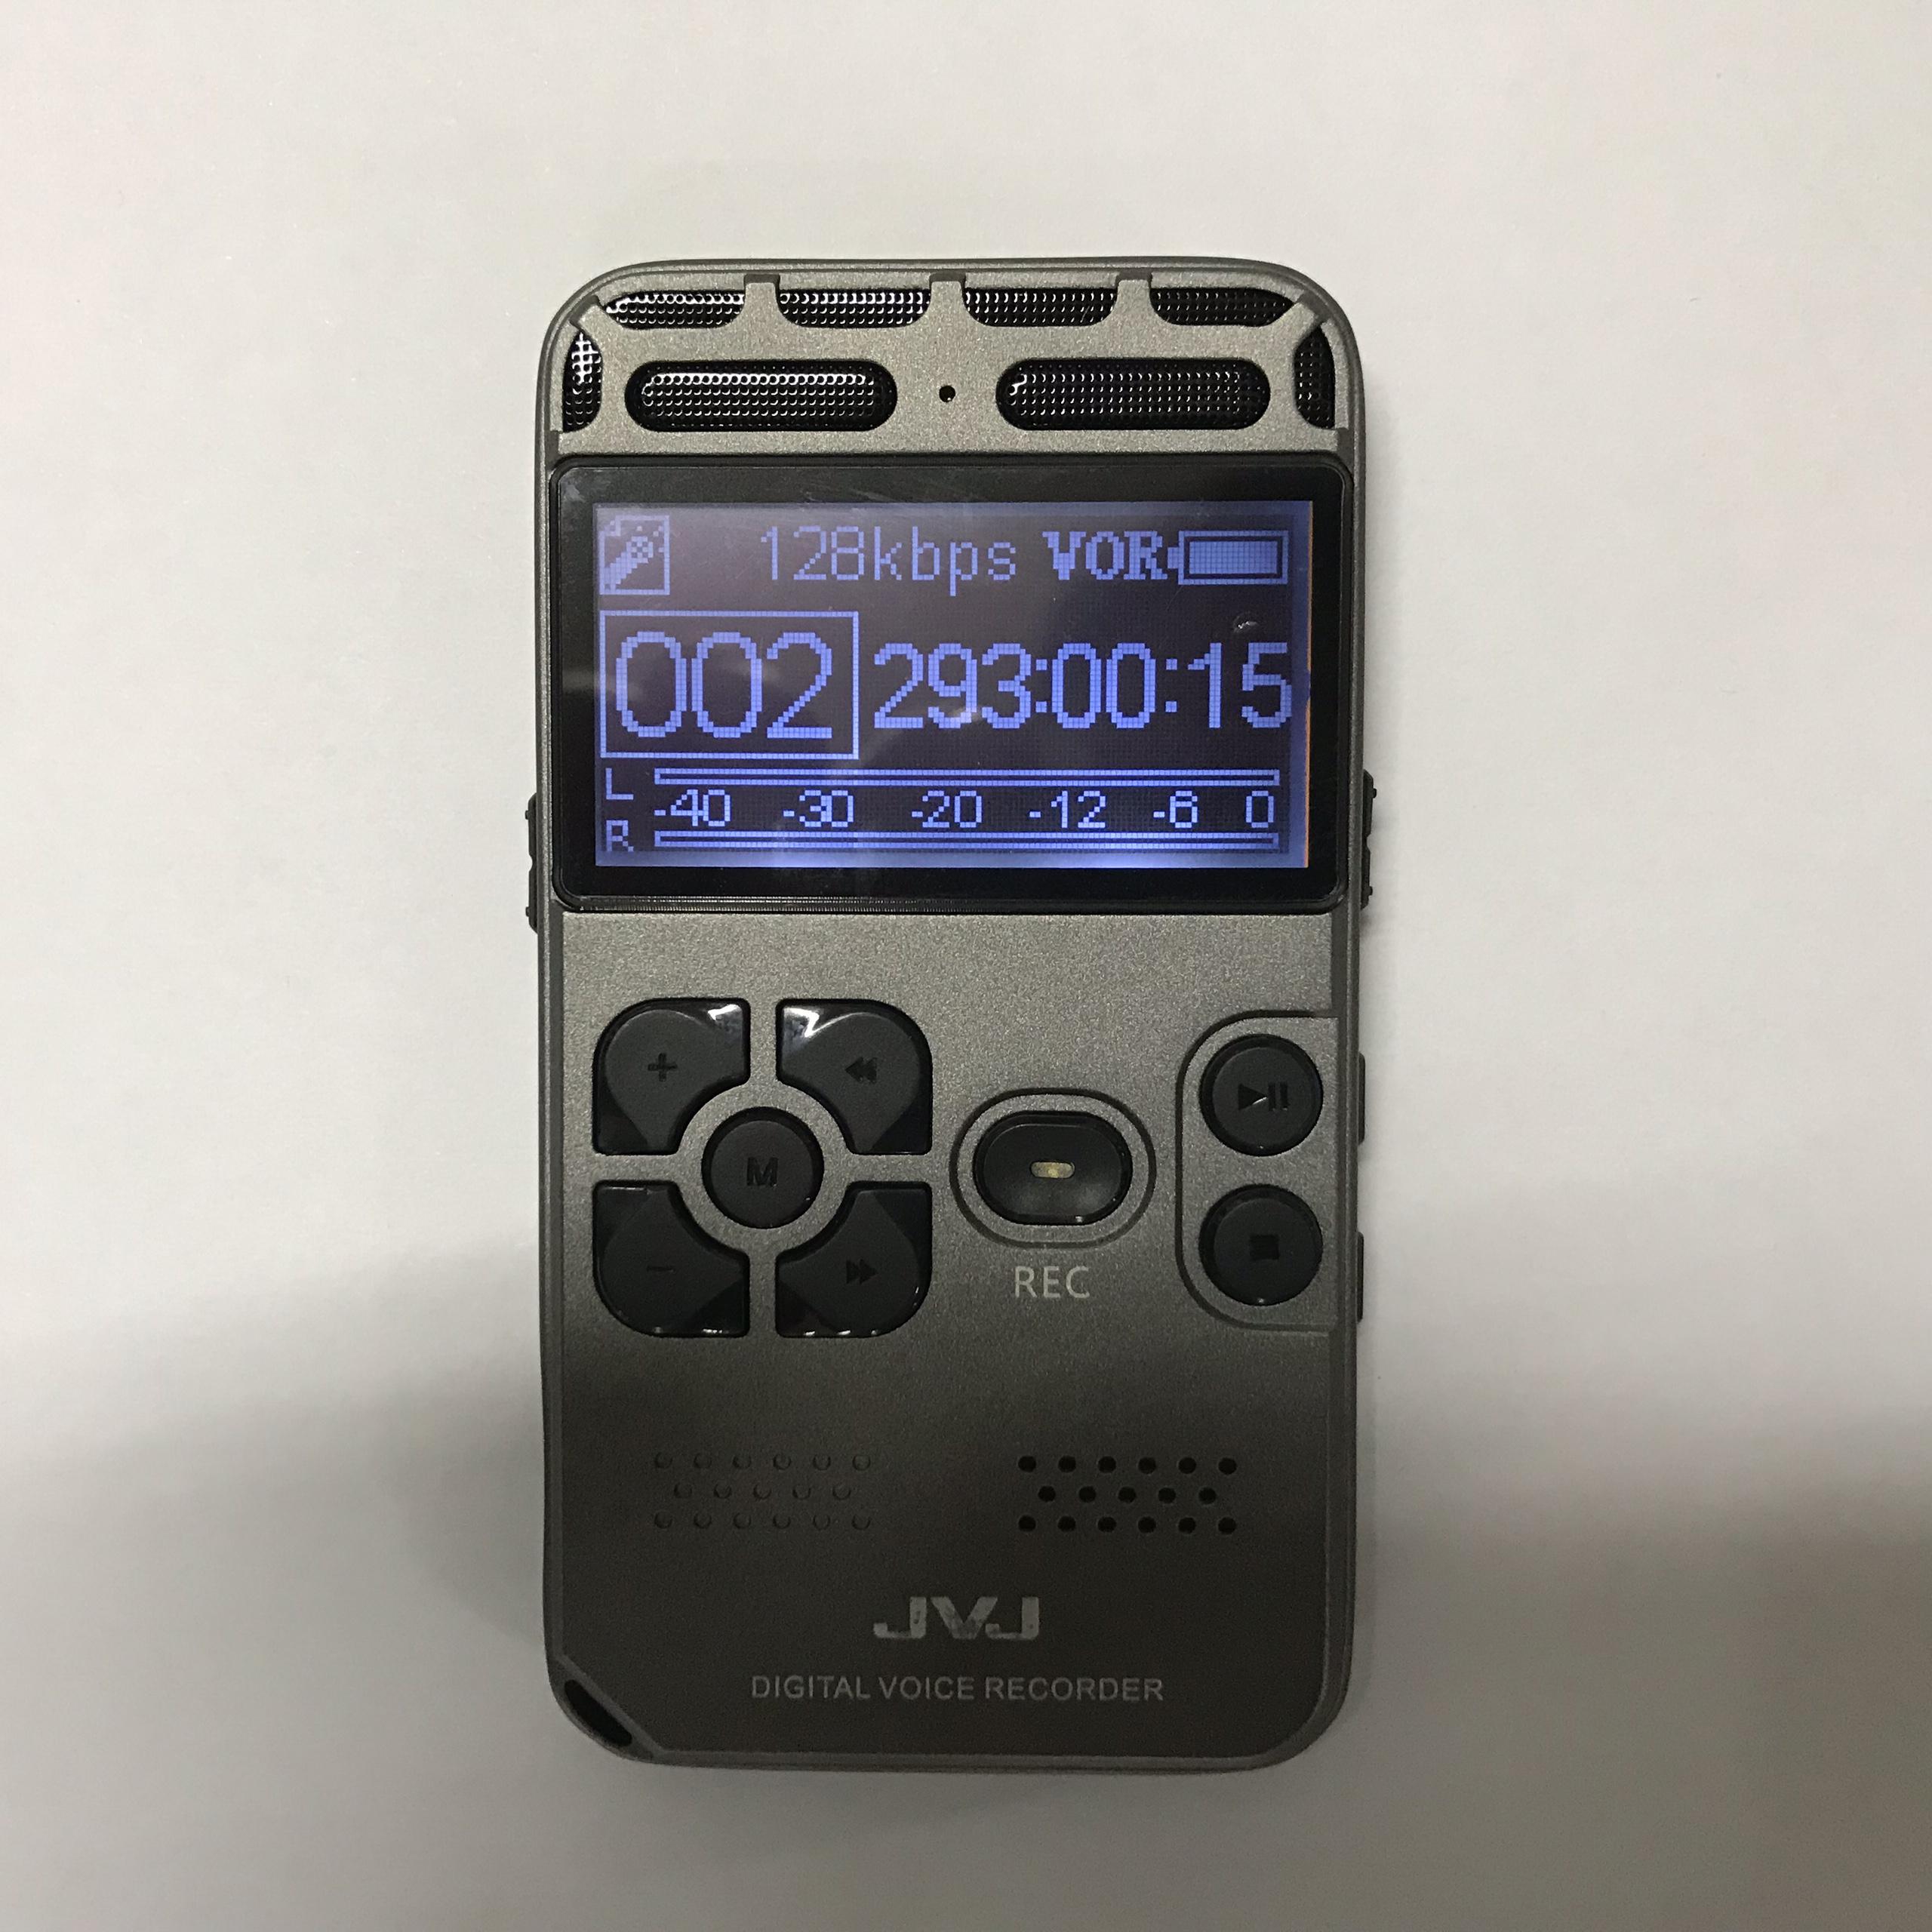 Máy ghi âm JVJ J130 16GB (Ghi âm chất lượng cao, sách hướng dẫn tiếng Việt,  thời lượng pin 30 tiếng liên tục) - Hàng Chính Hãng | Tiki